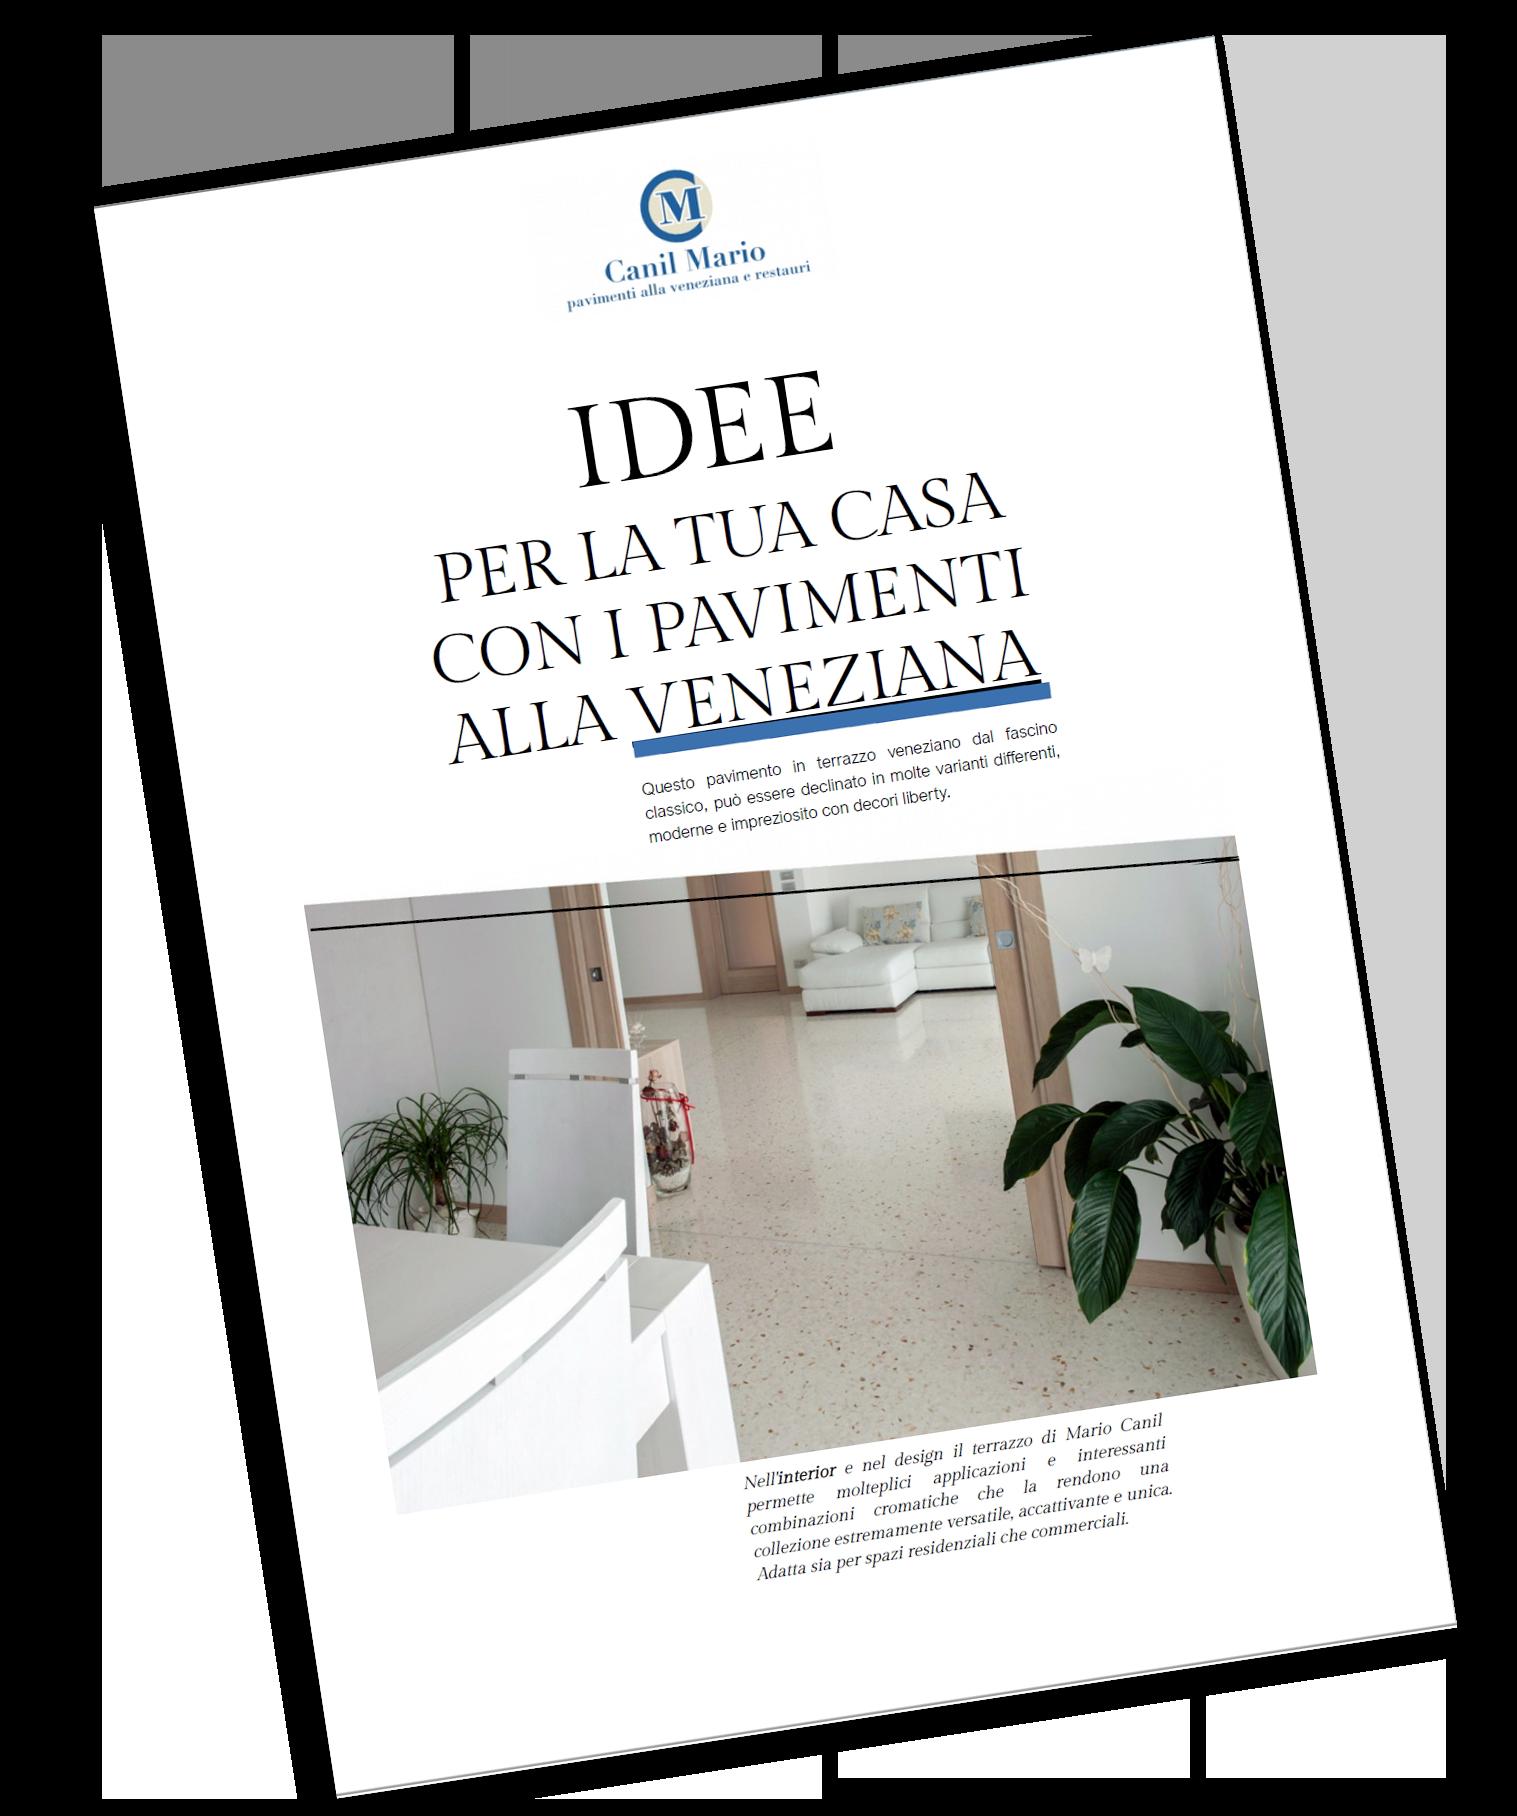 La Guida Idee per la tua casa con i Pavimenti alla Veneziana